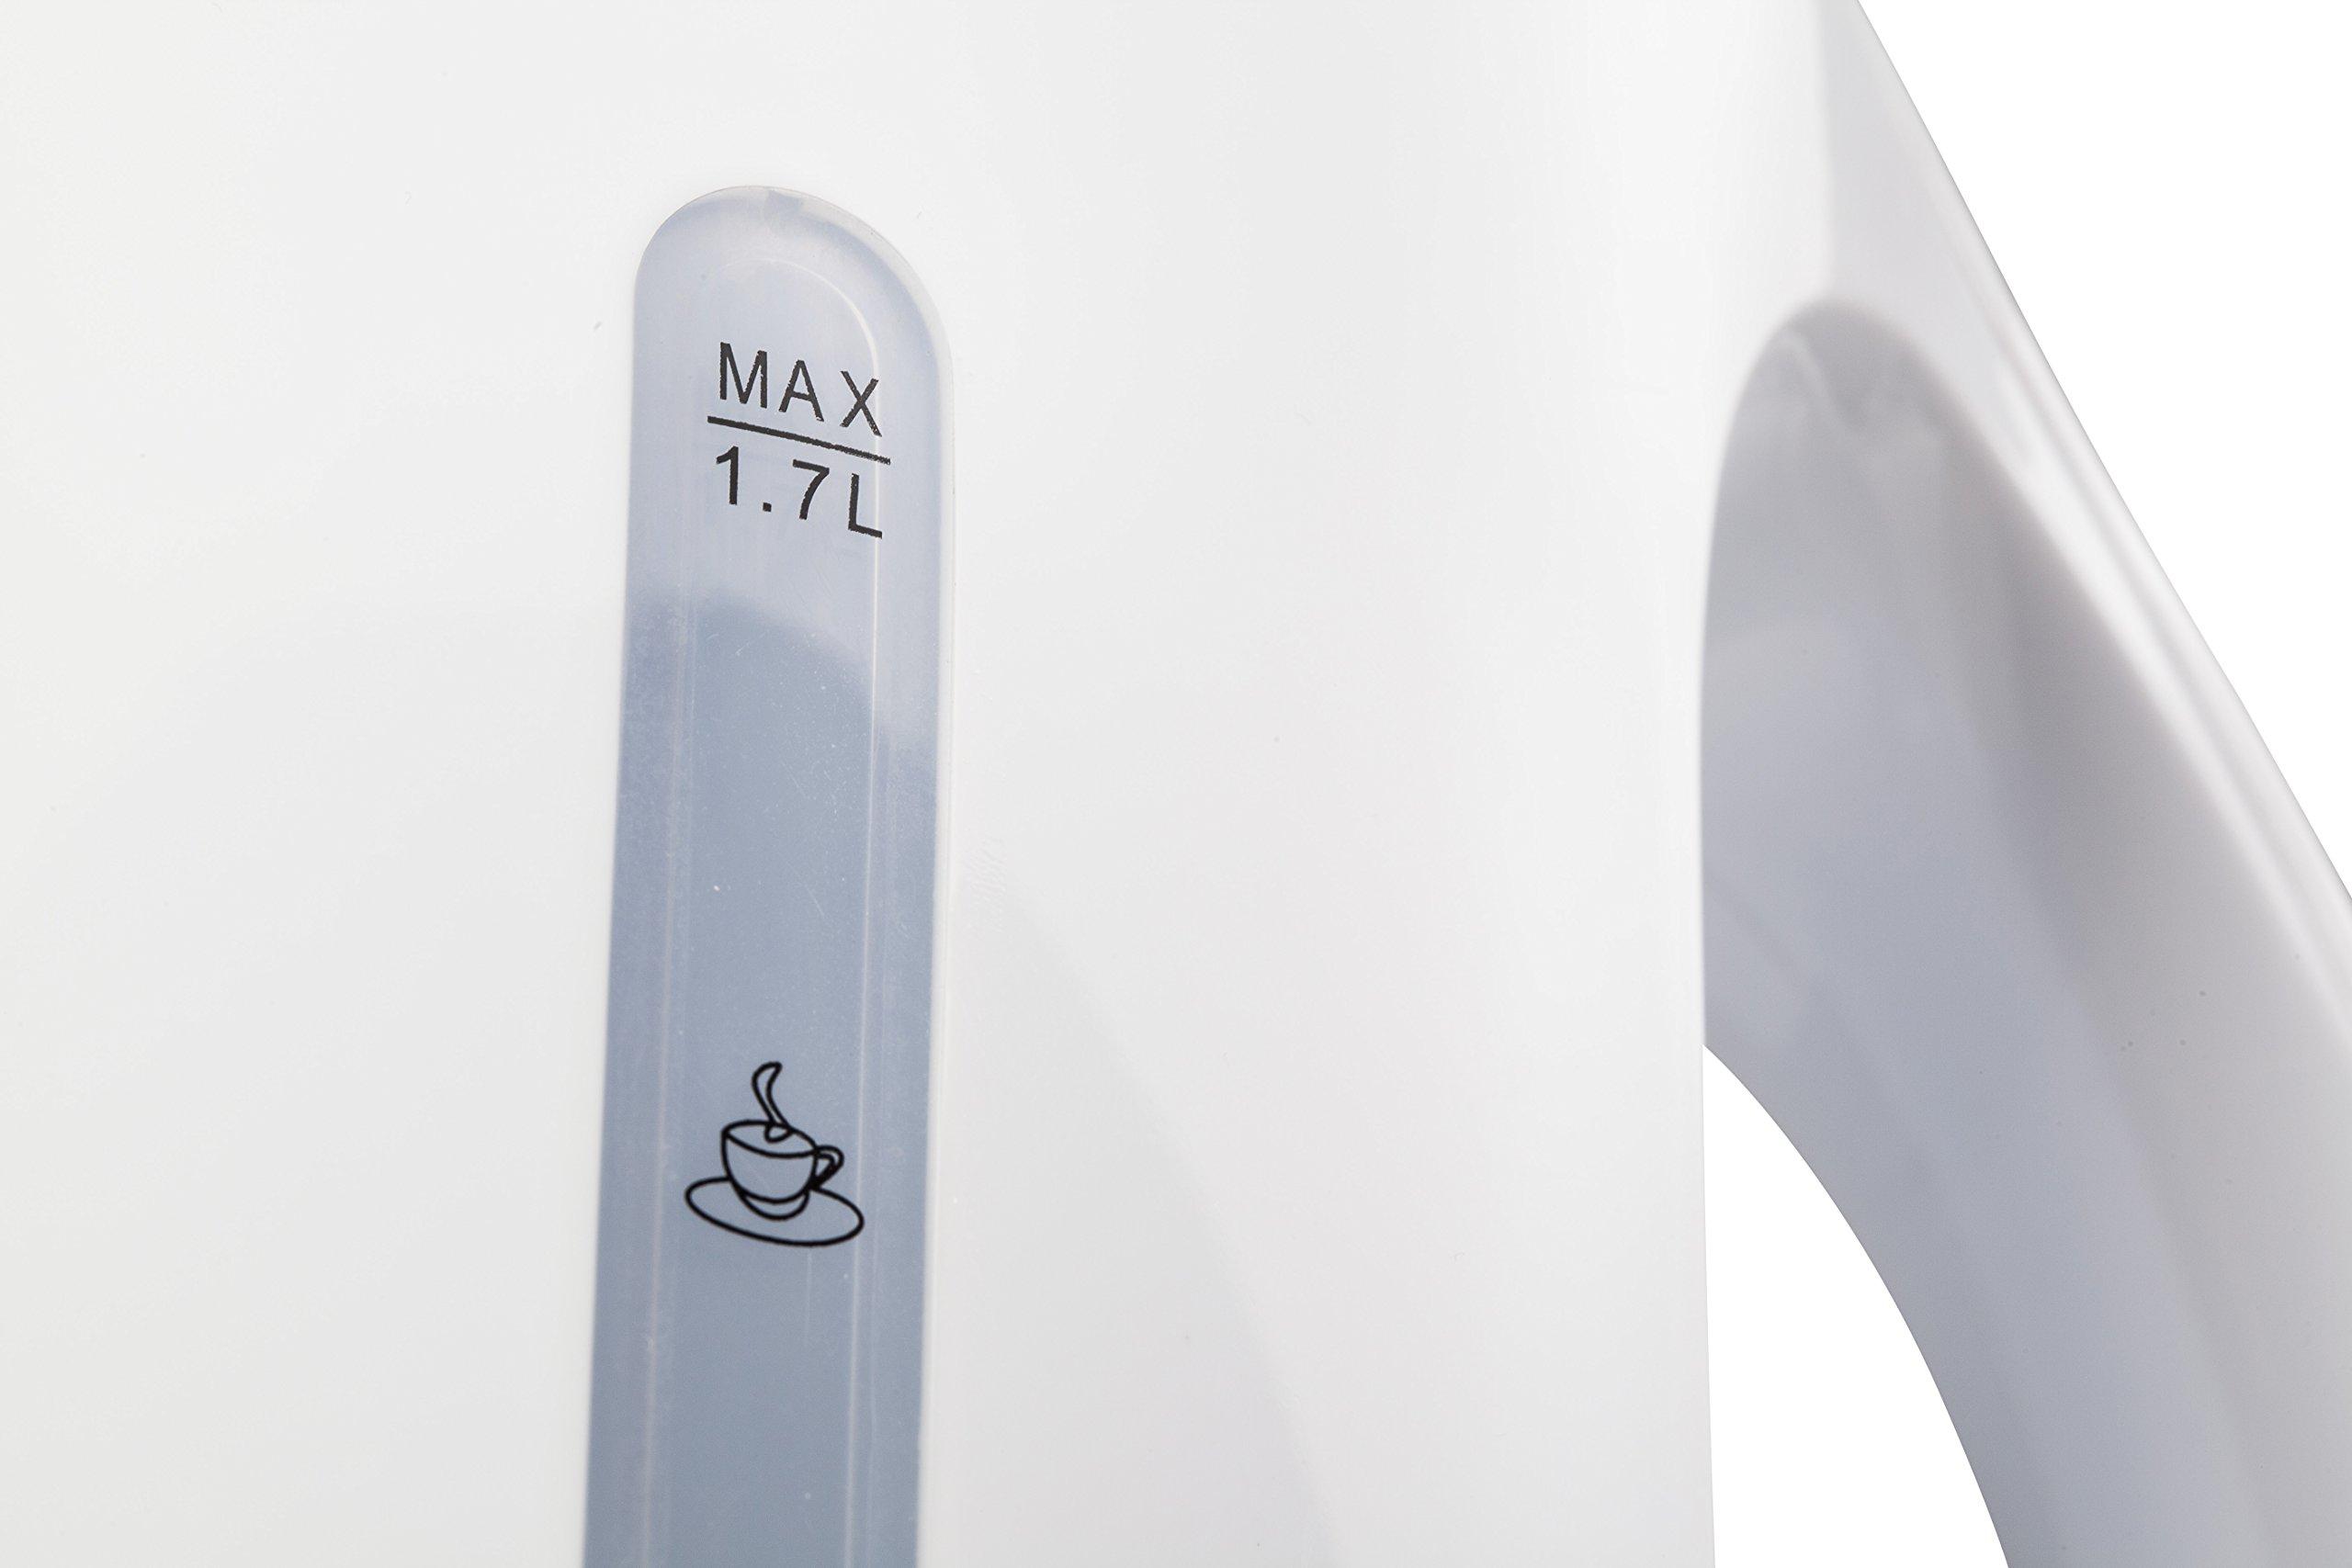 Tivoli-Wasserkocher-17-L-Kabelloser-Wasserkocher-2200-Watt-Flaches-Heizelement-Farbe-Wei-Abschaltautomatik-Trockengehschutz